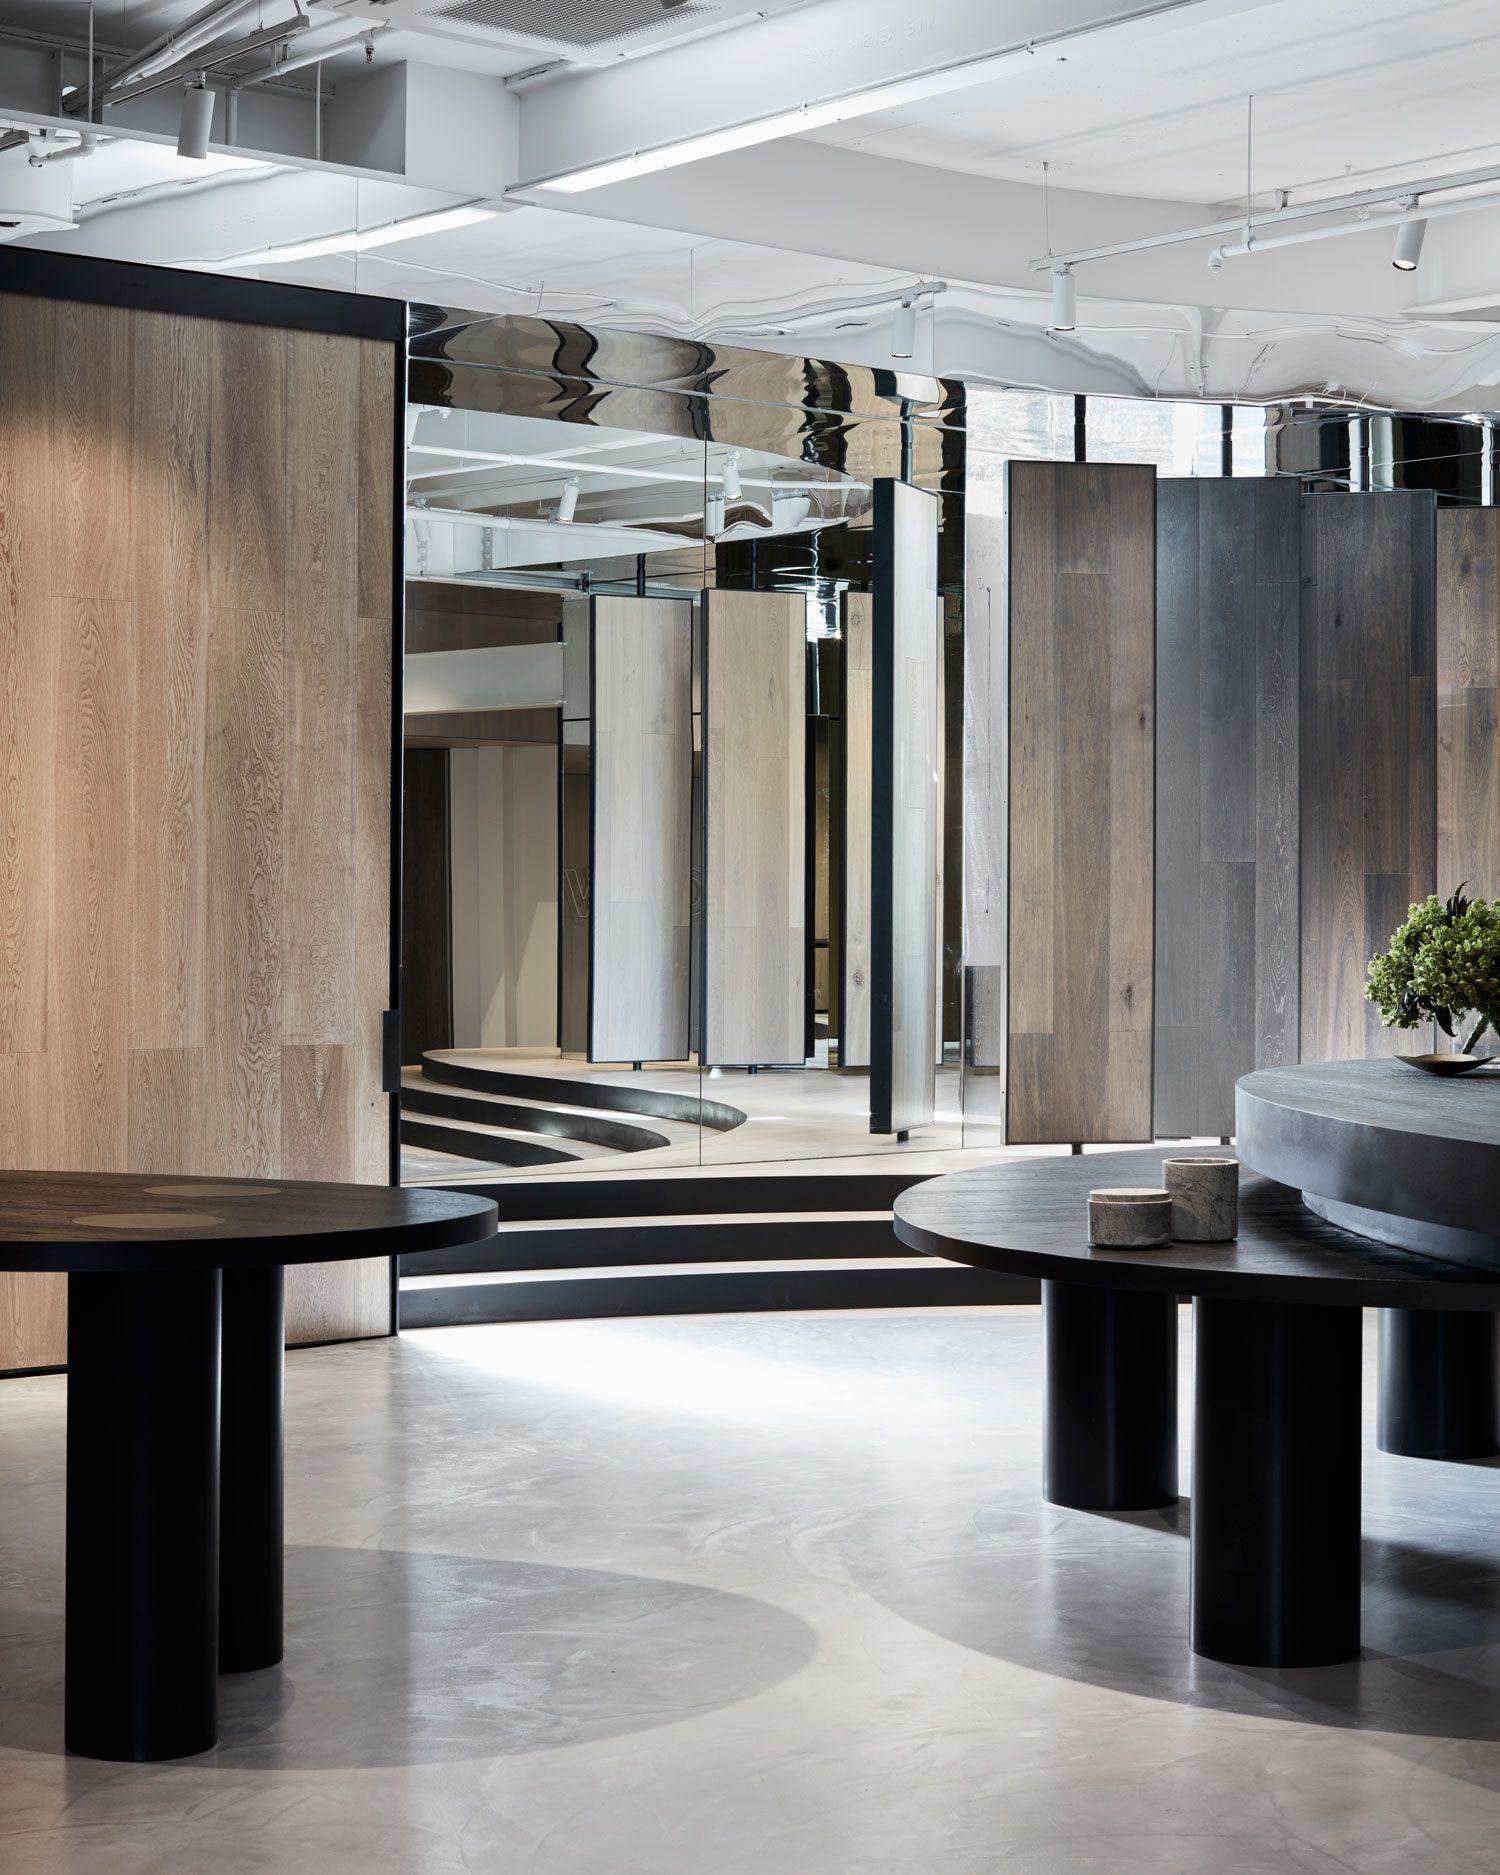 Woodcut Showroom in Sydneys Waterloo by Mim Design Showroom